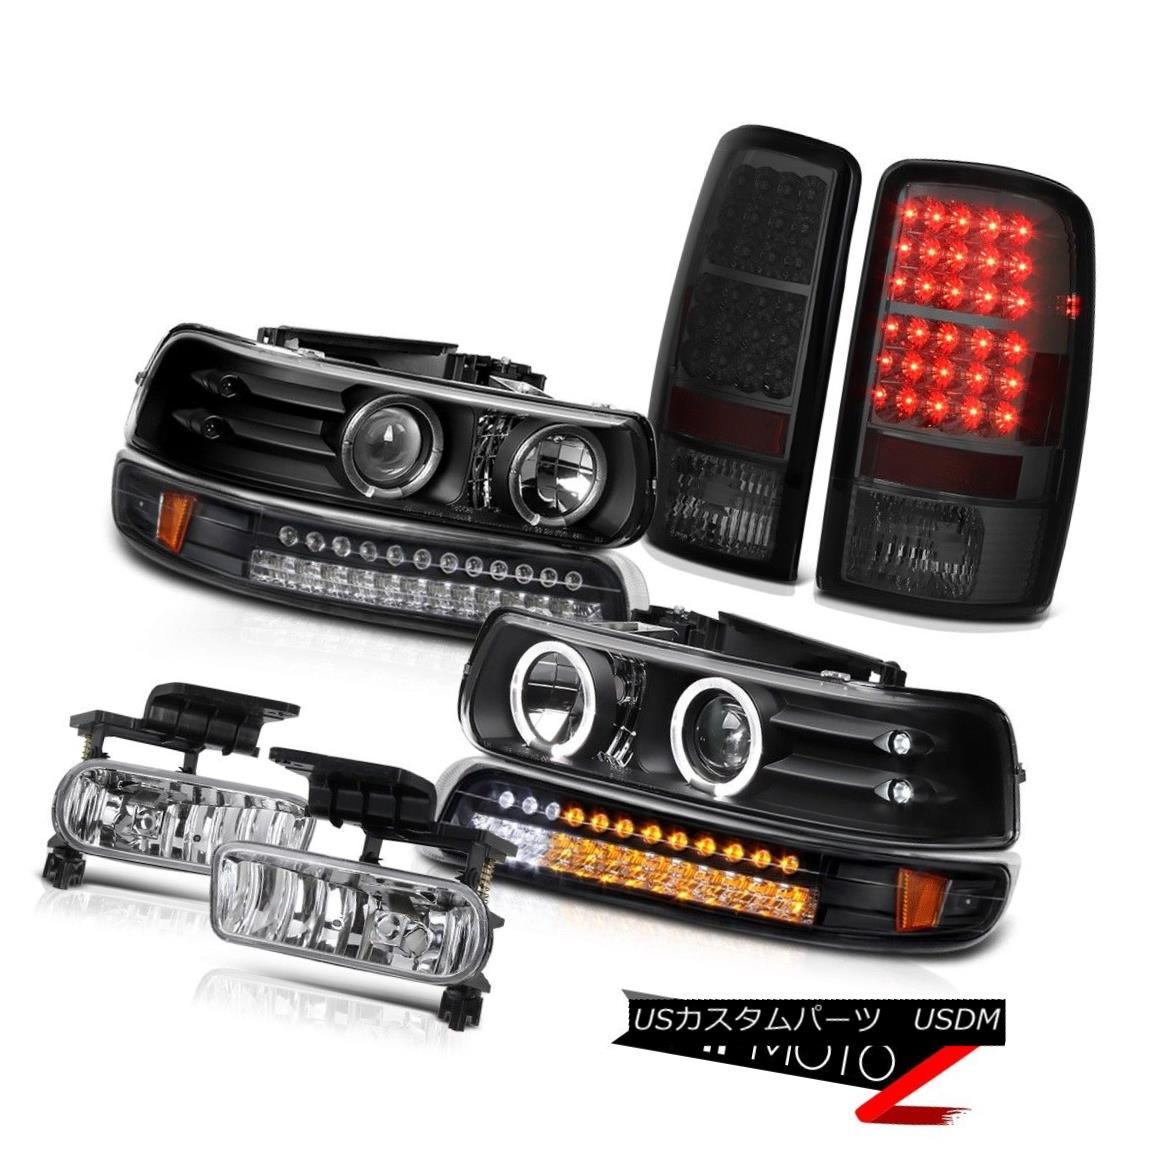 テールライト Projector Black Headlight Bumper Smoked Taillamps Fog Lamps 2000-2006 Suburban プロジェクターブラックヘッドライトバンパースモークタイルランプフォグランプ2000-2006郊外